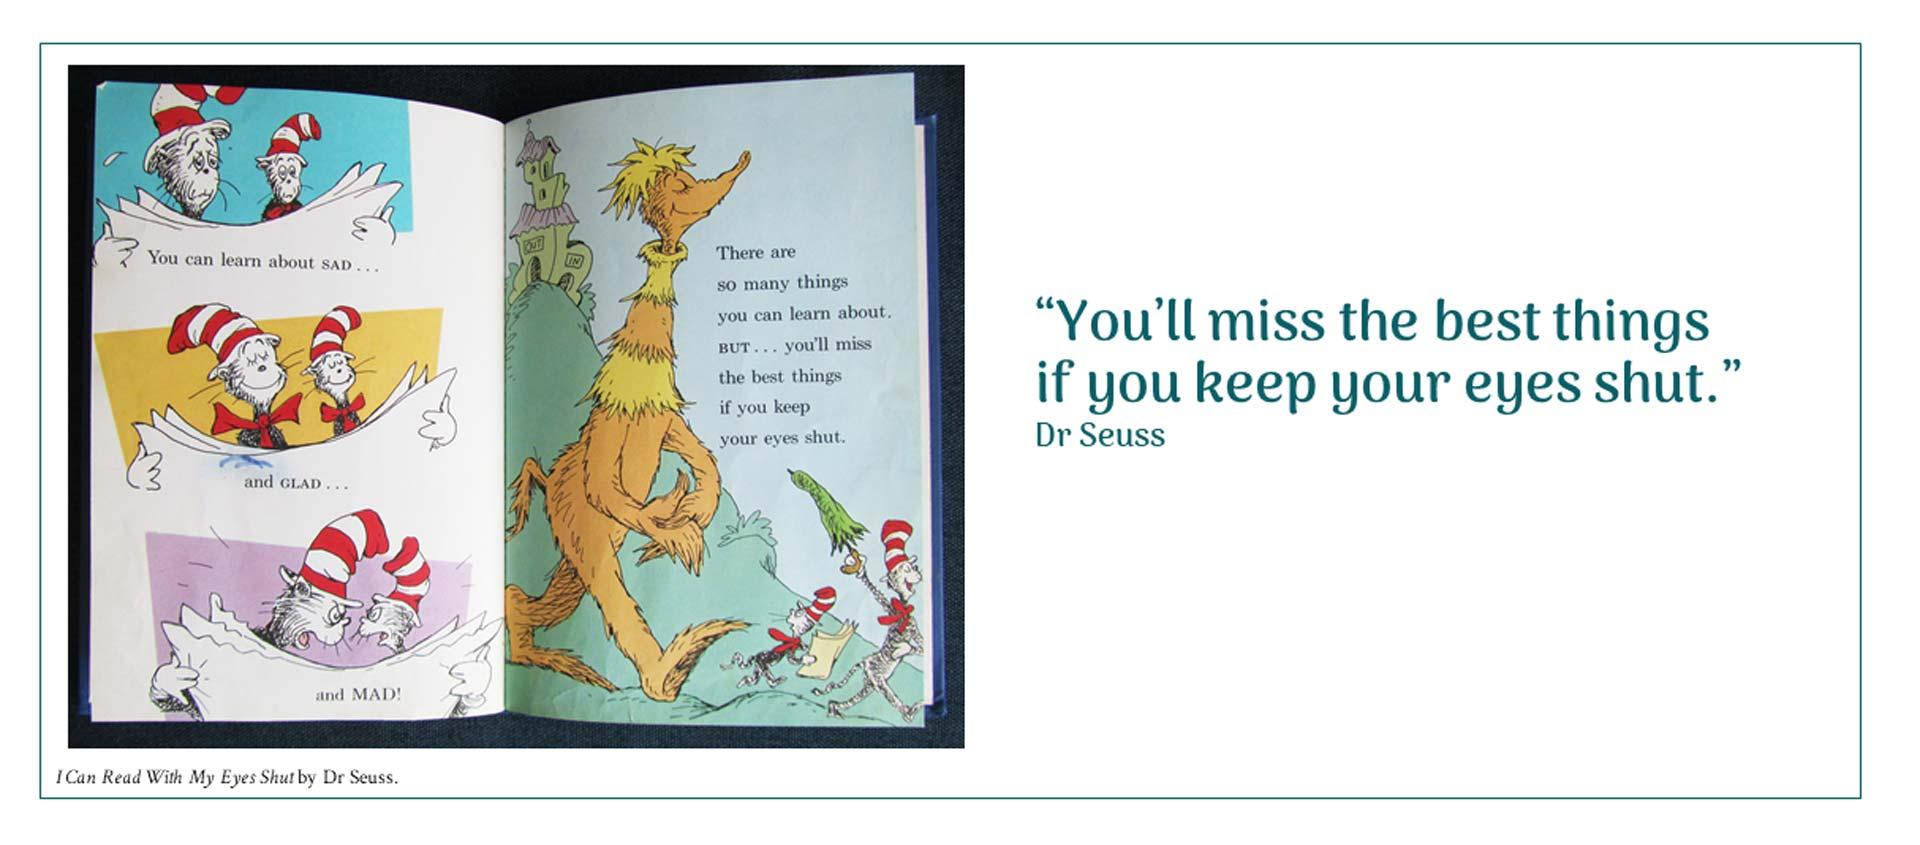 Dr-Seuss-book-1.jpg